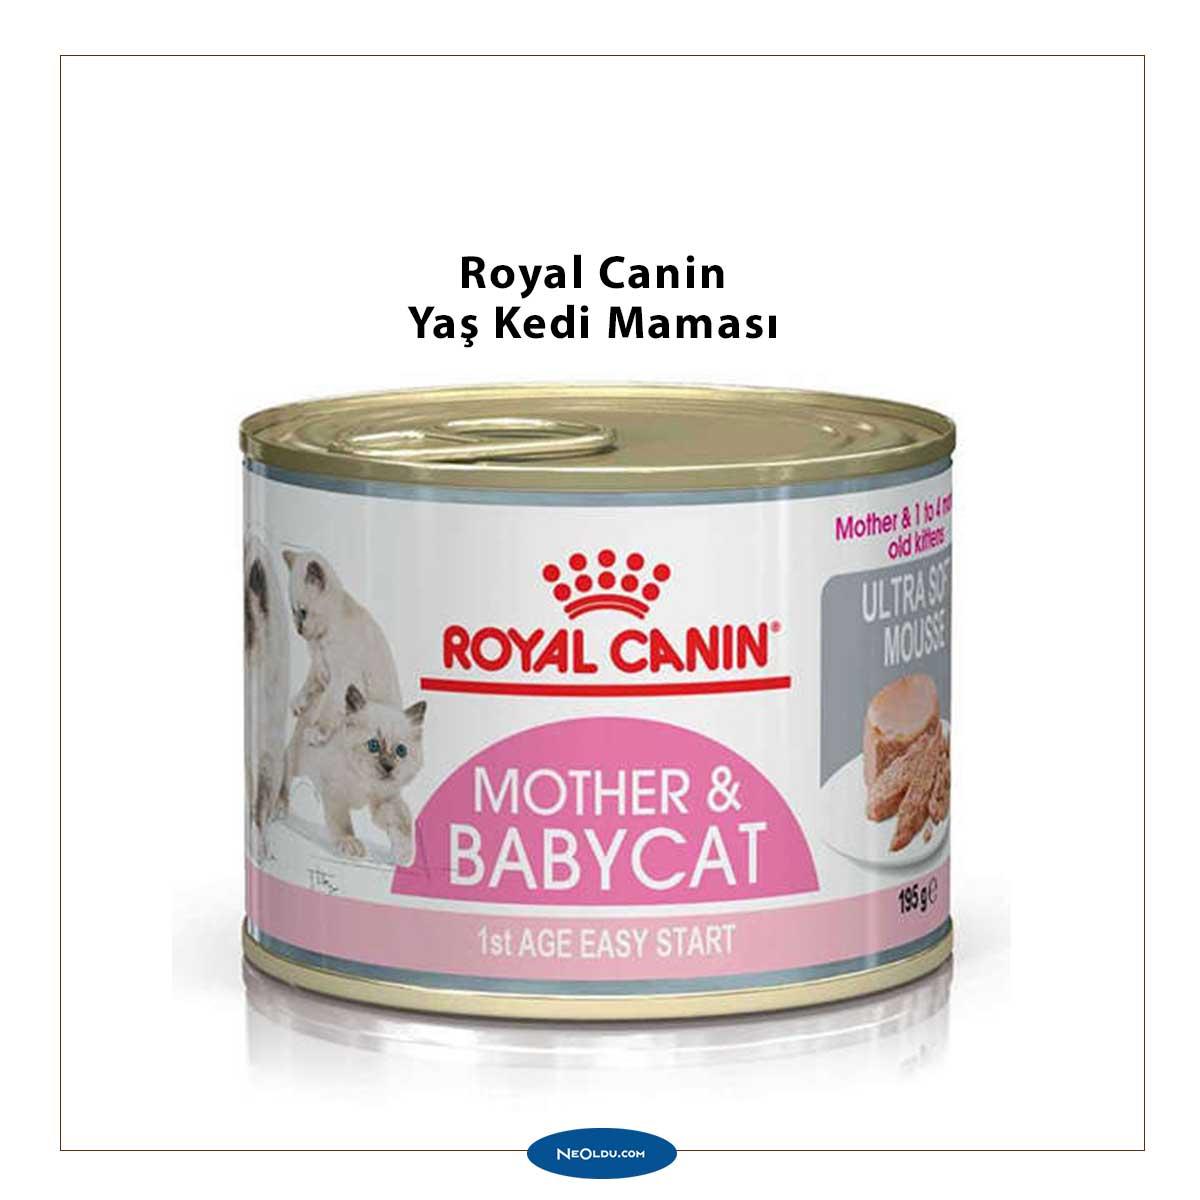 En İyi Yaş Kedi Maması Markaları